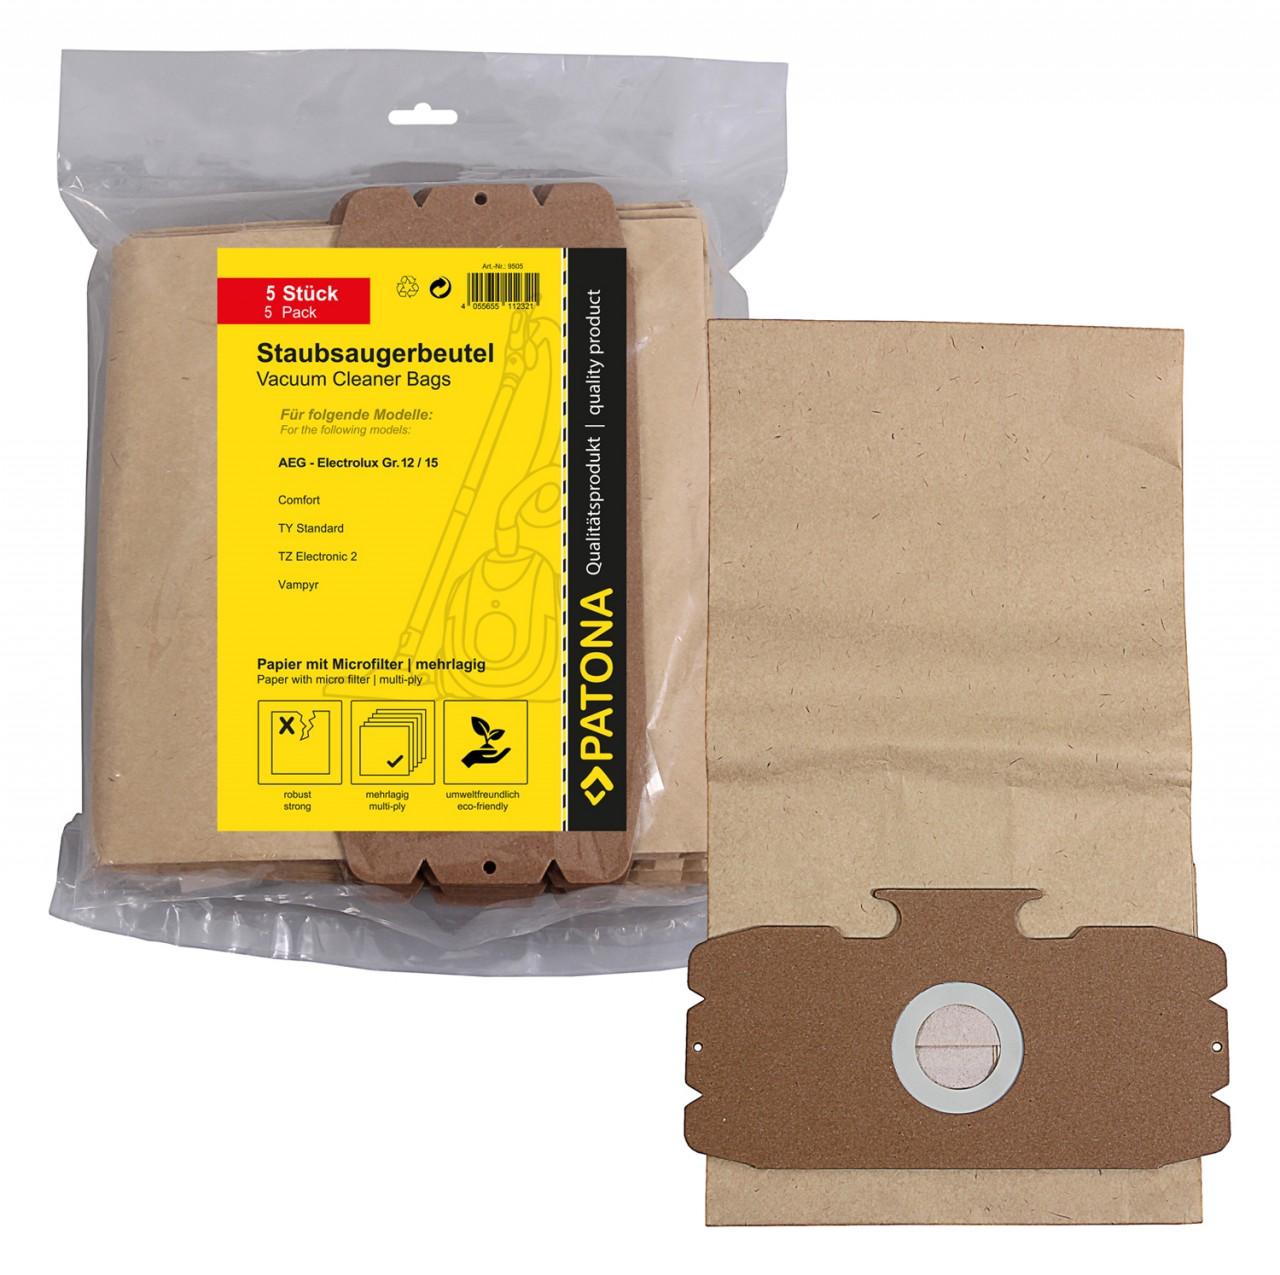 PATONA 5 STOFZUIGER bag multi layer paper incl. Microfilter